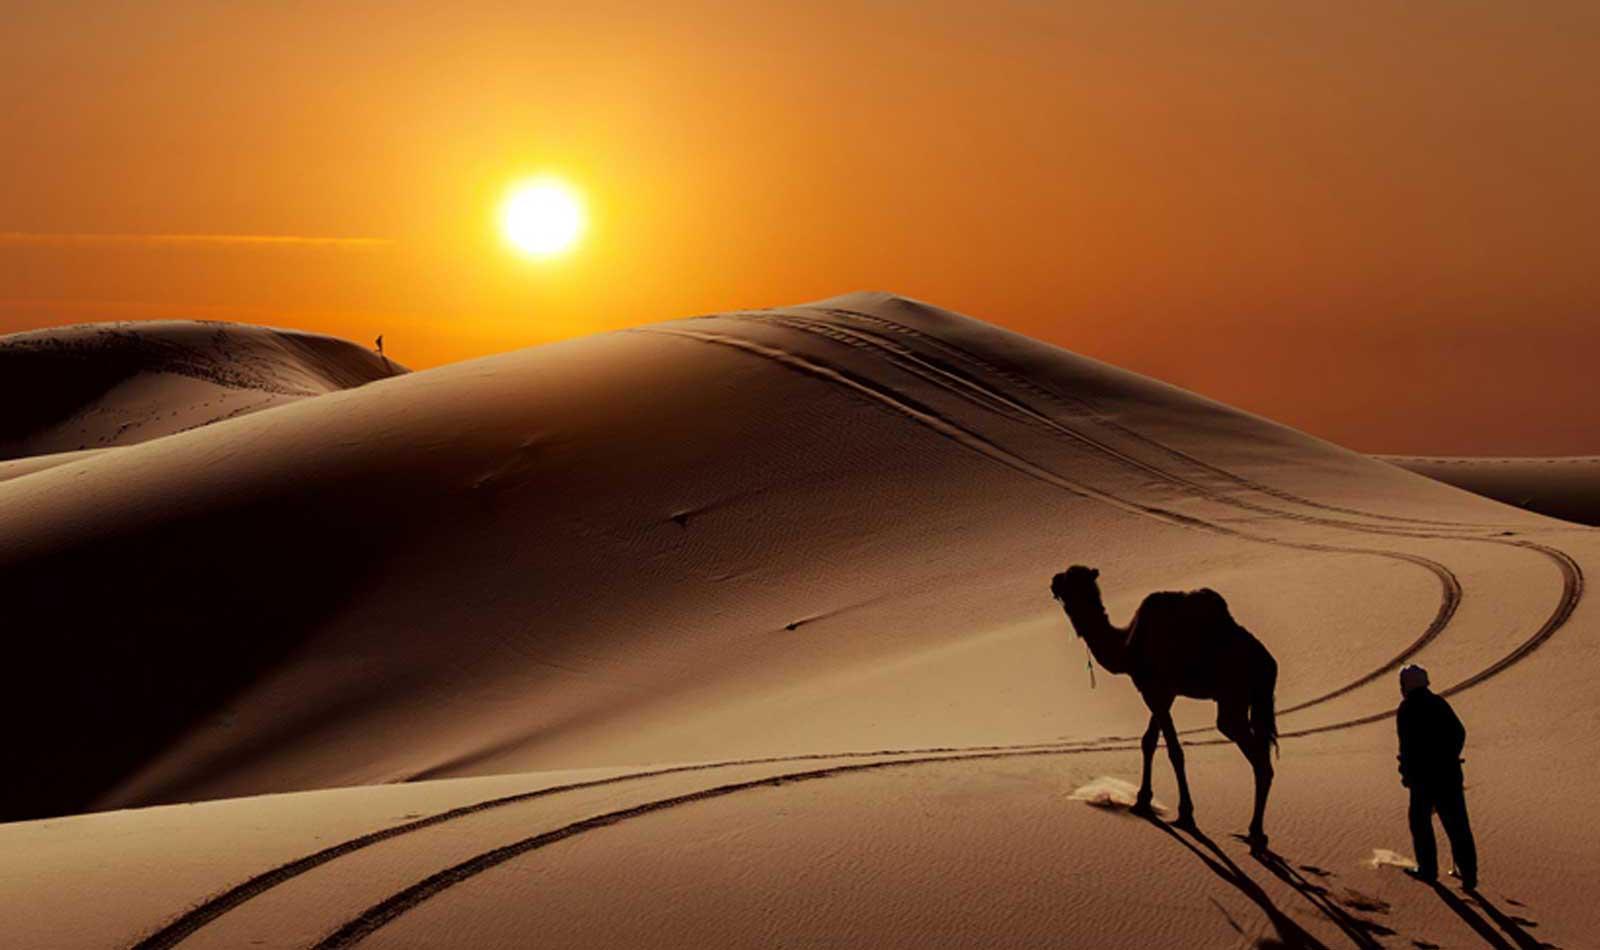 Fes Sahara tour to Marrakech - 3 days